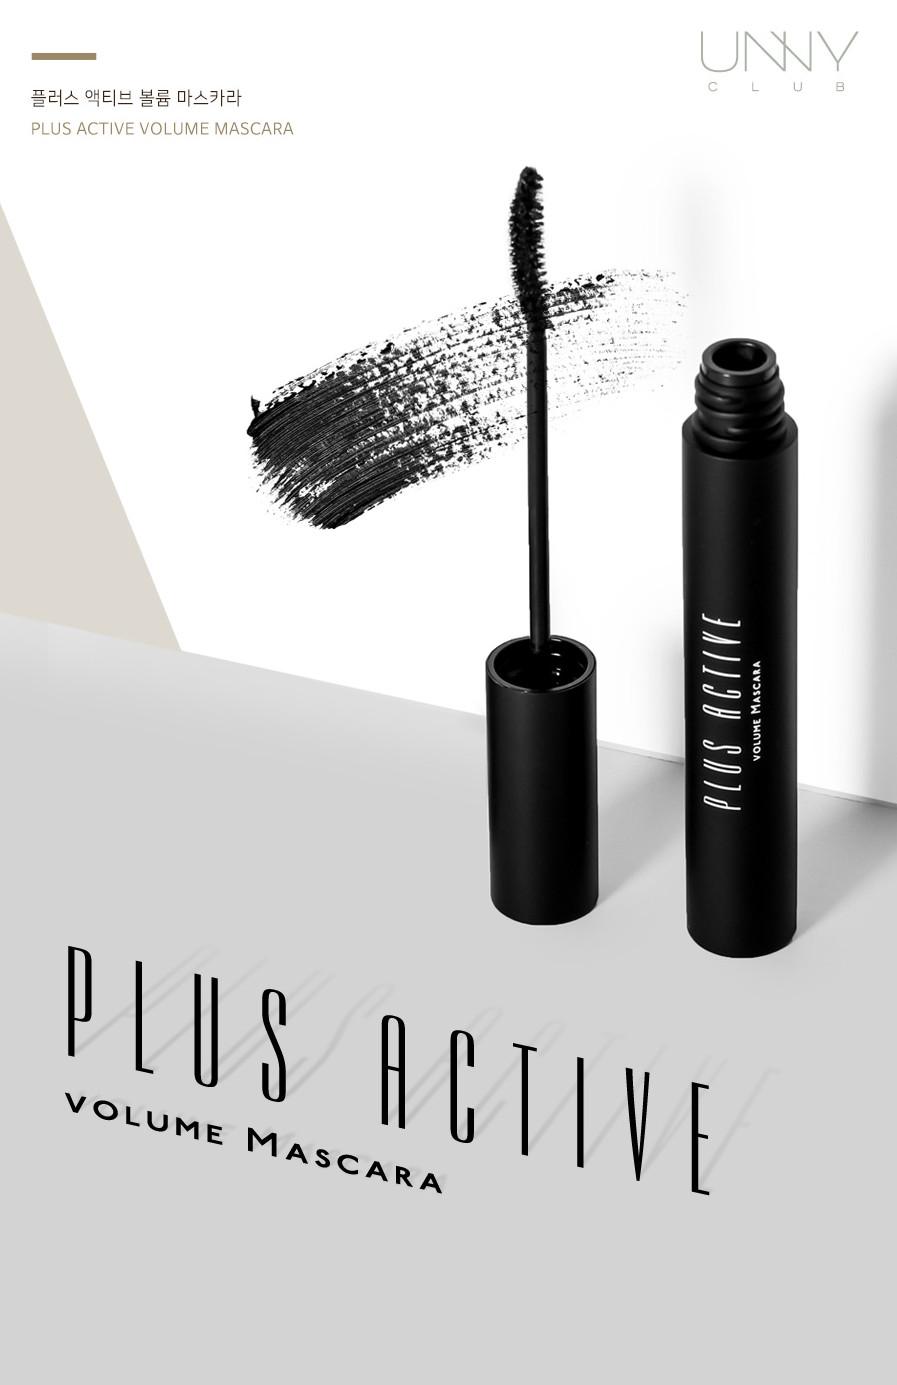 Mascara làm cong và dày mi Unny Club Plus Active Volume Mascara - thương hiệu Unny Club